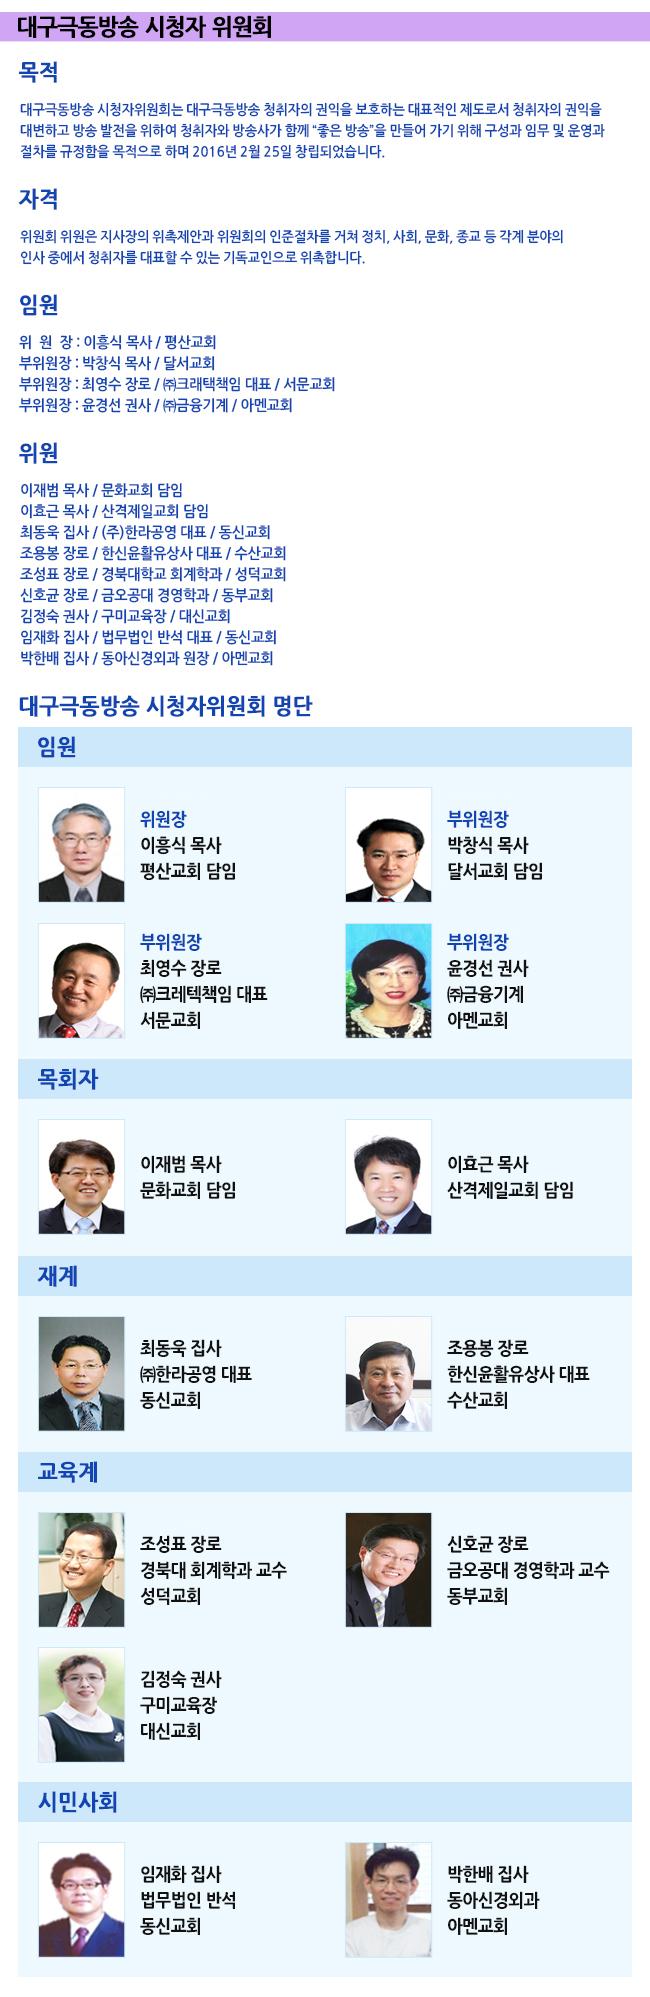 시청자위원회_2.jpg